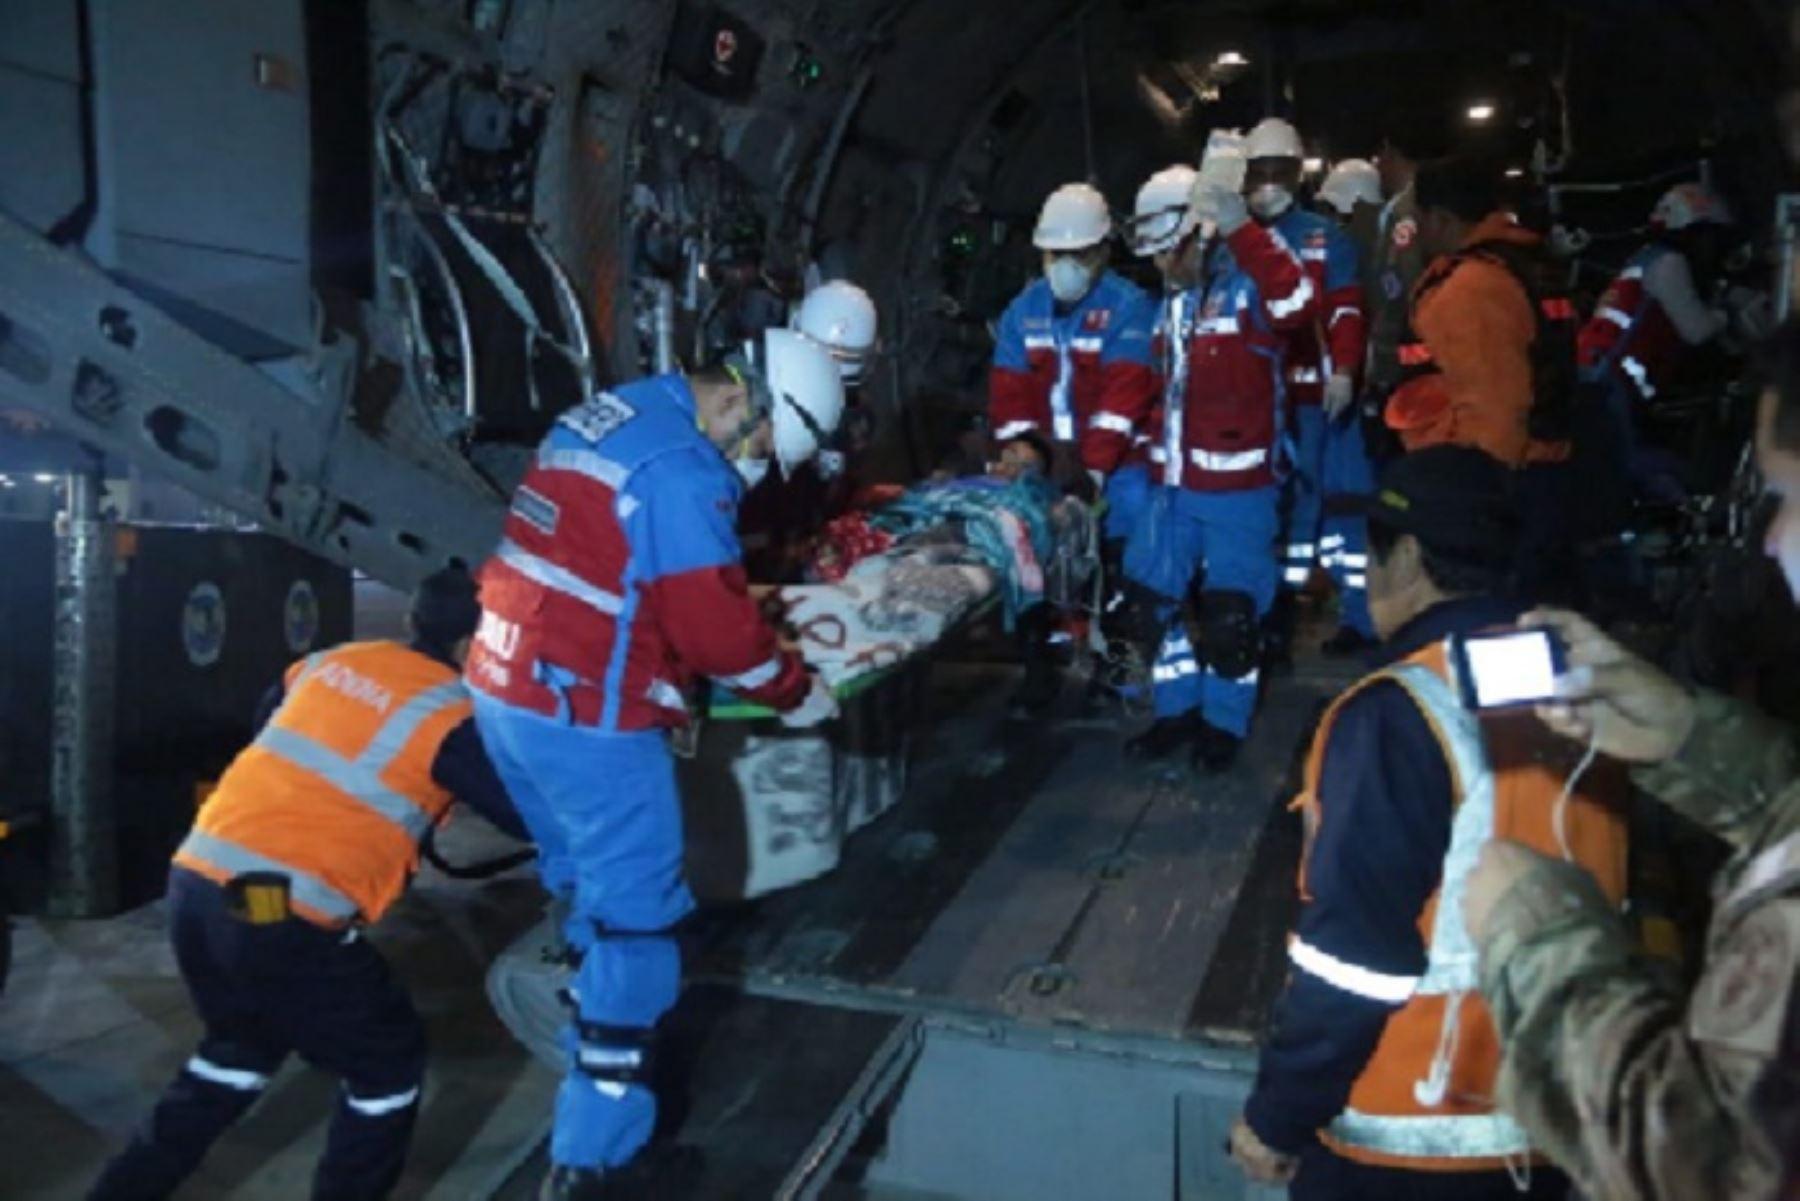 El Instituto Nacional de Defensa Civil (Indeci) reportó la identidad de seis de las personas intoxicadas en la región Ayacucho, que esta noche fueron trasladadas a Lima en un avión Spartan de la Fuerza Aérea del Perú (FAP) e internadas para su atención en diferentes establecimientos de salud especializados.